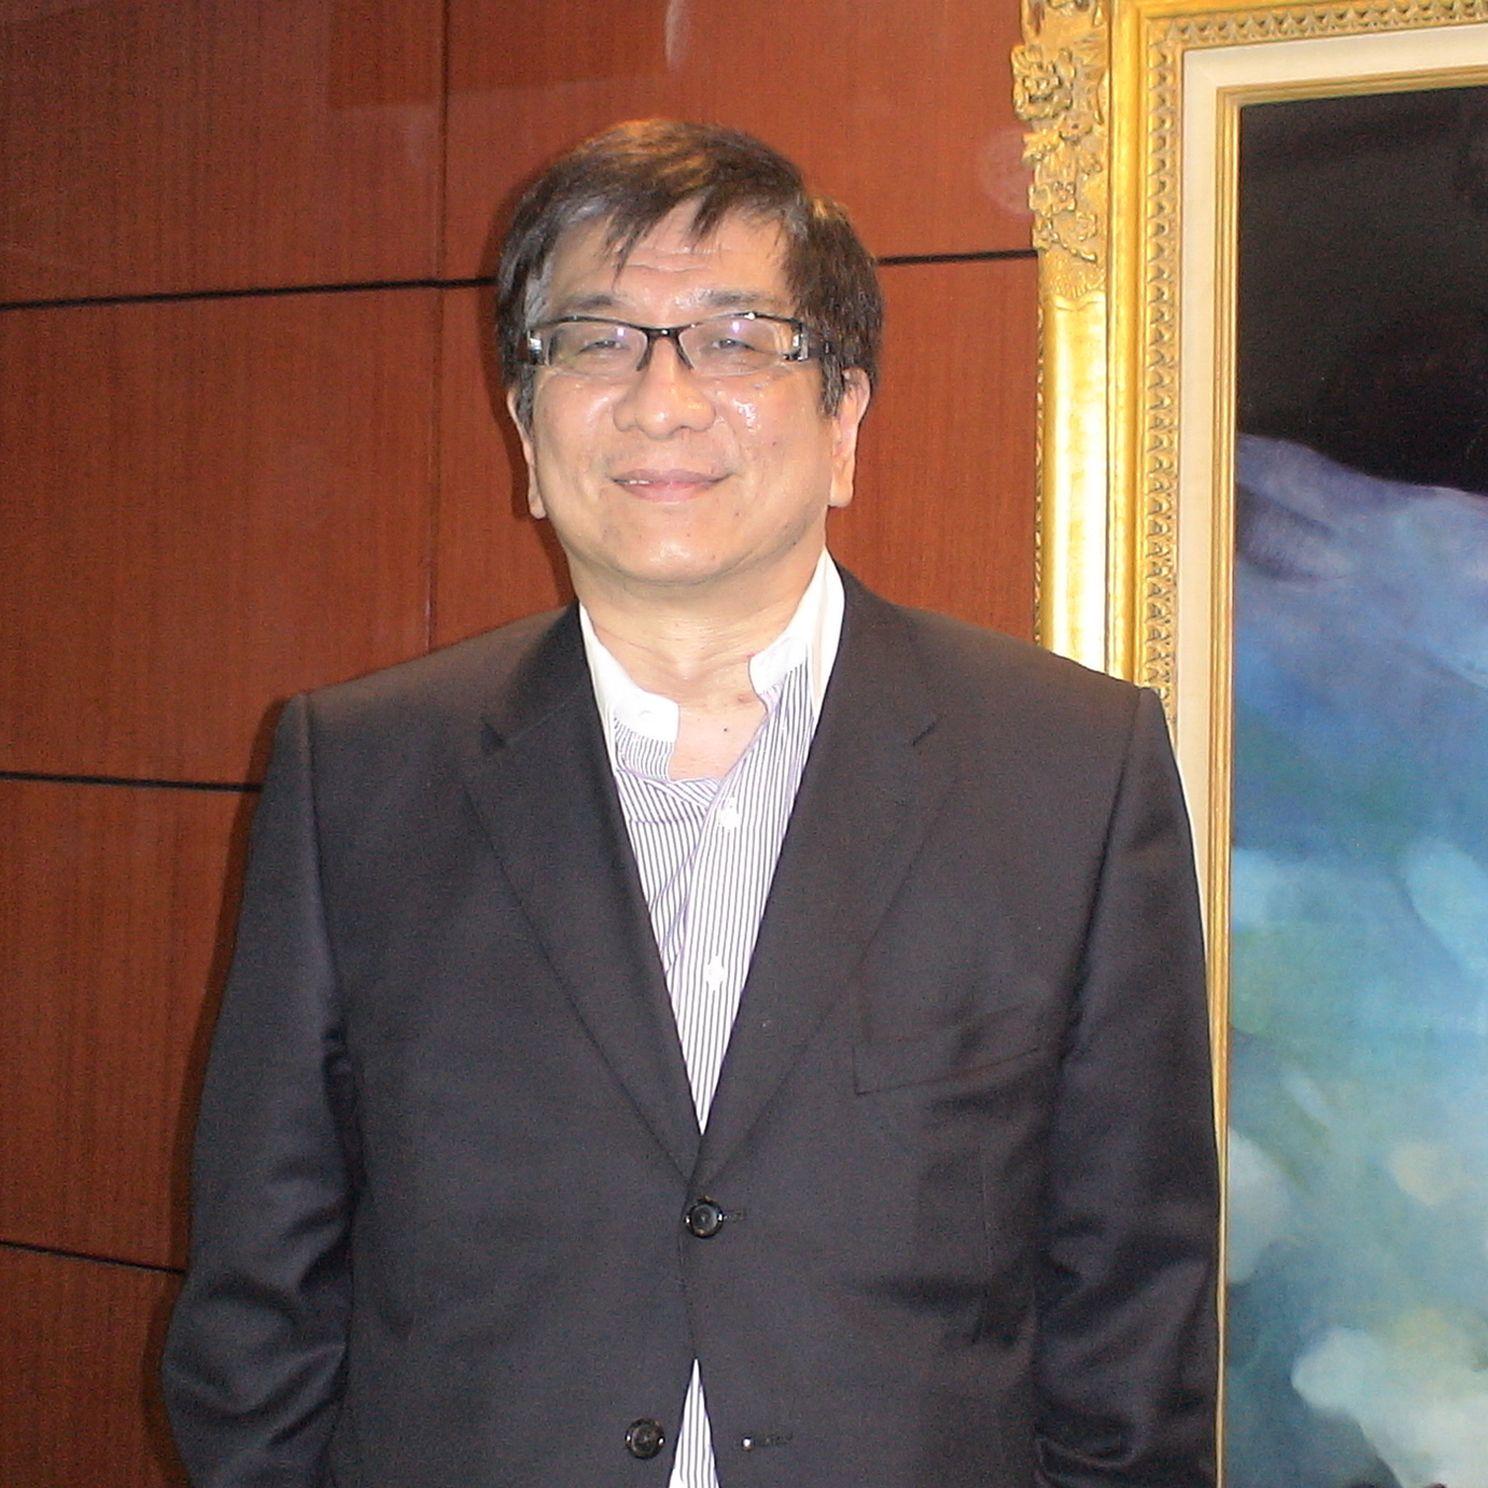 陳 浩 先生